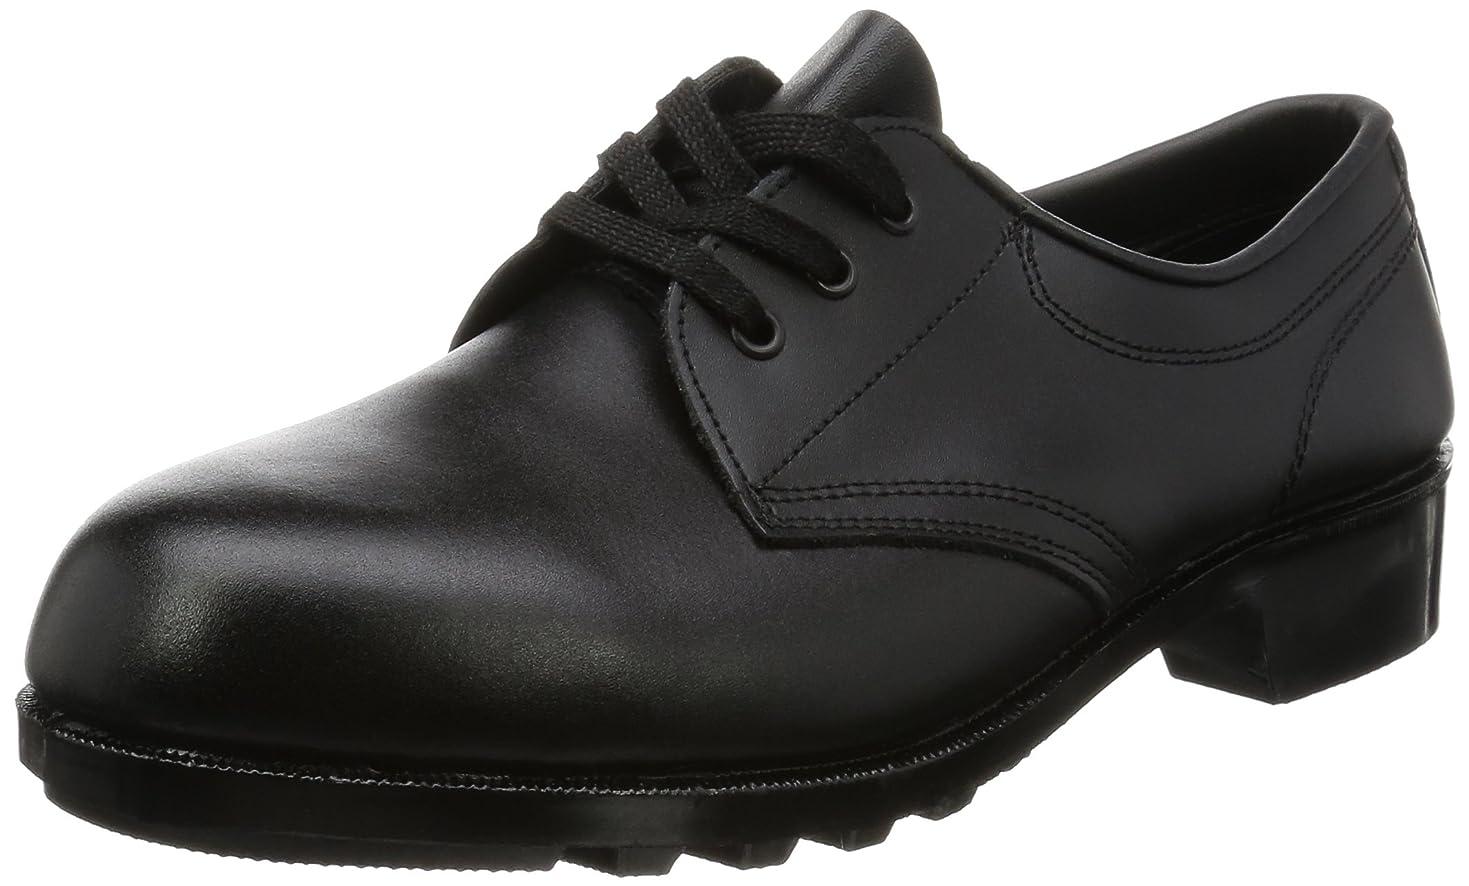 ベックス縮約床軽作業用短靴 M112P 6B073 メンズ